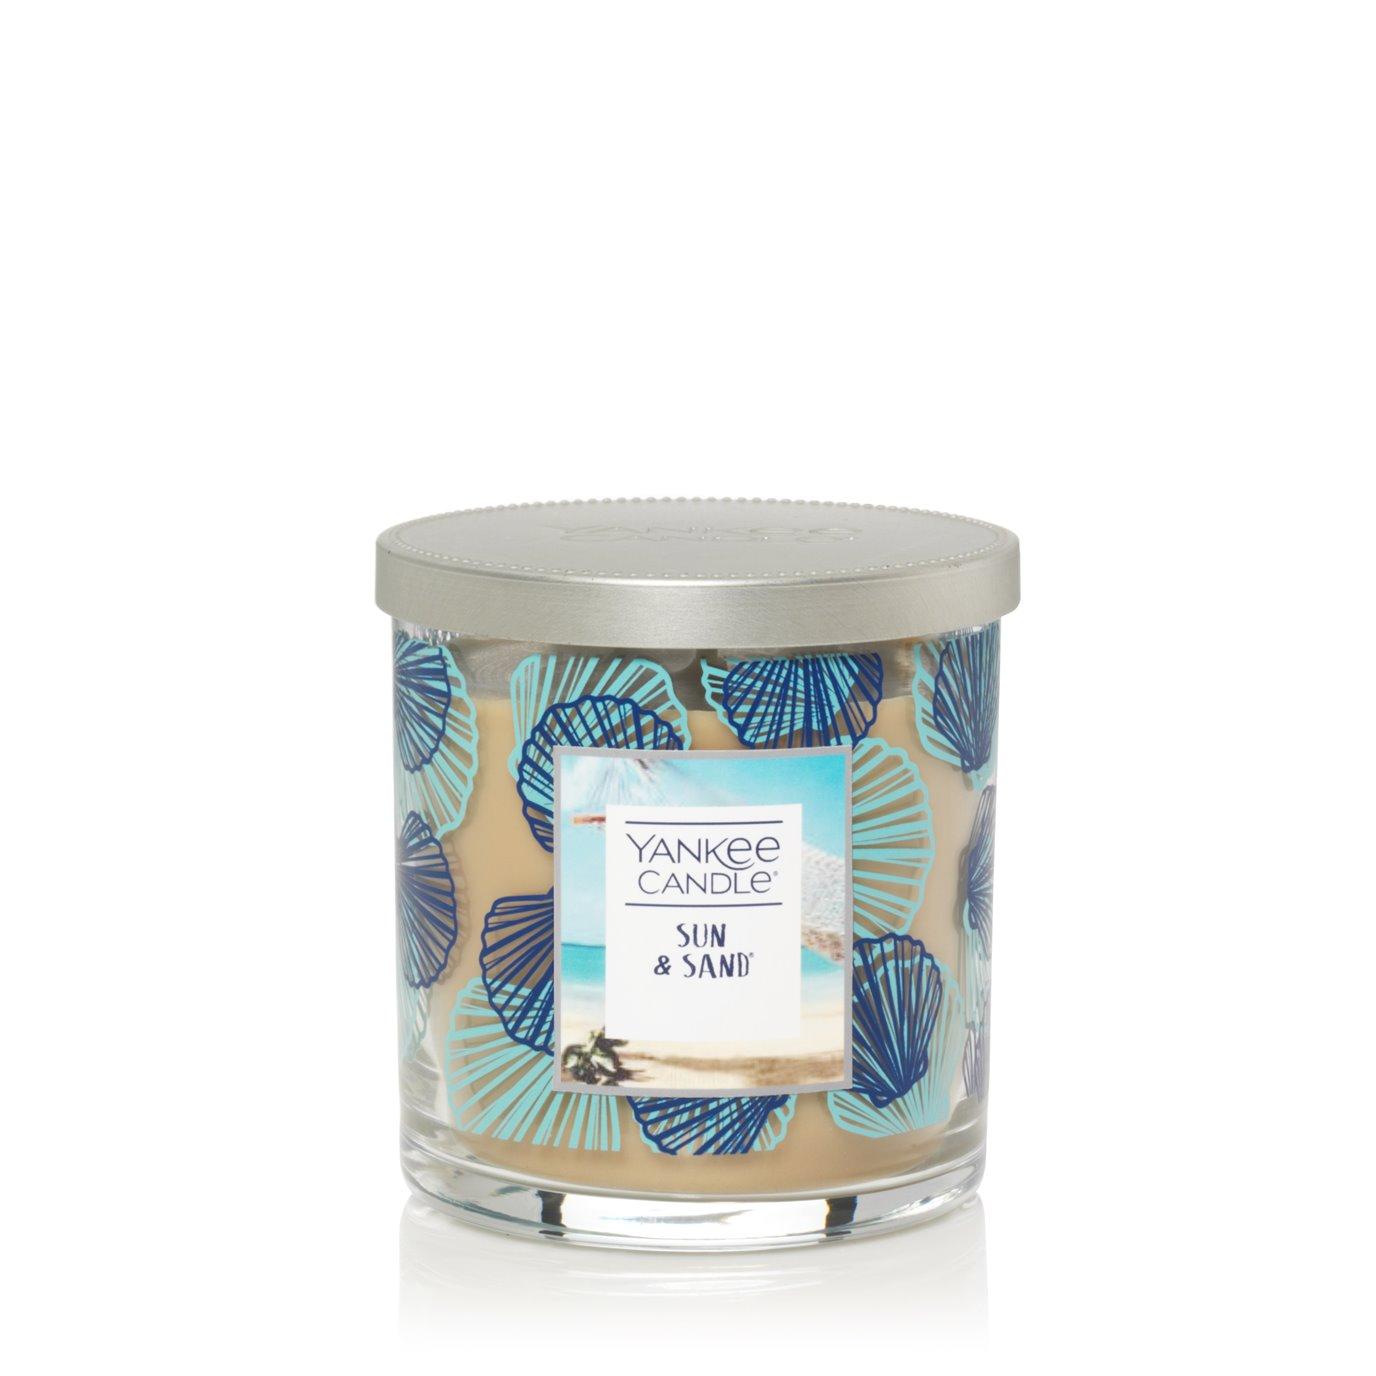 Yankee Candle Sun & Sand Regular Tumbler Candle- Seashell